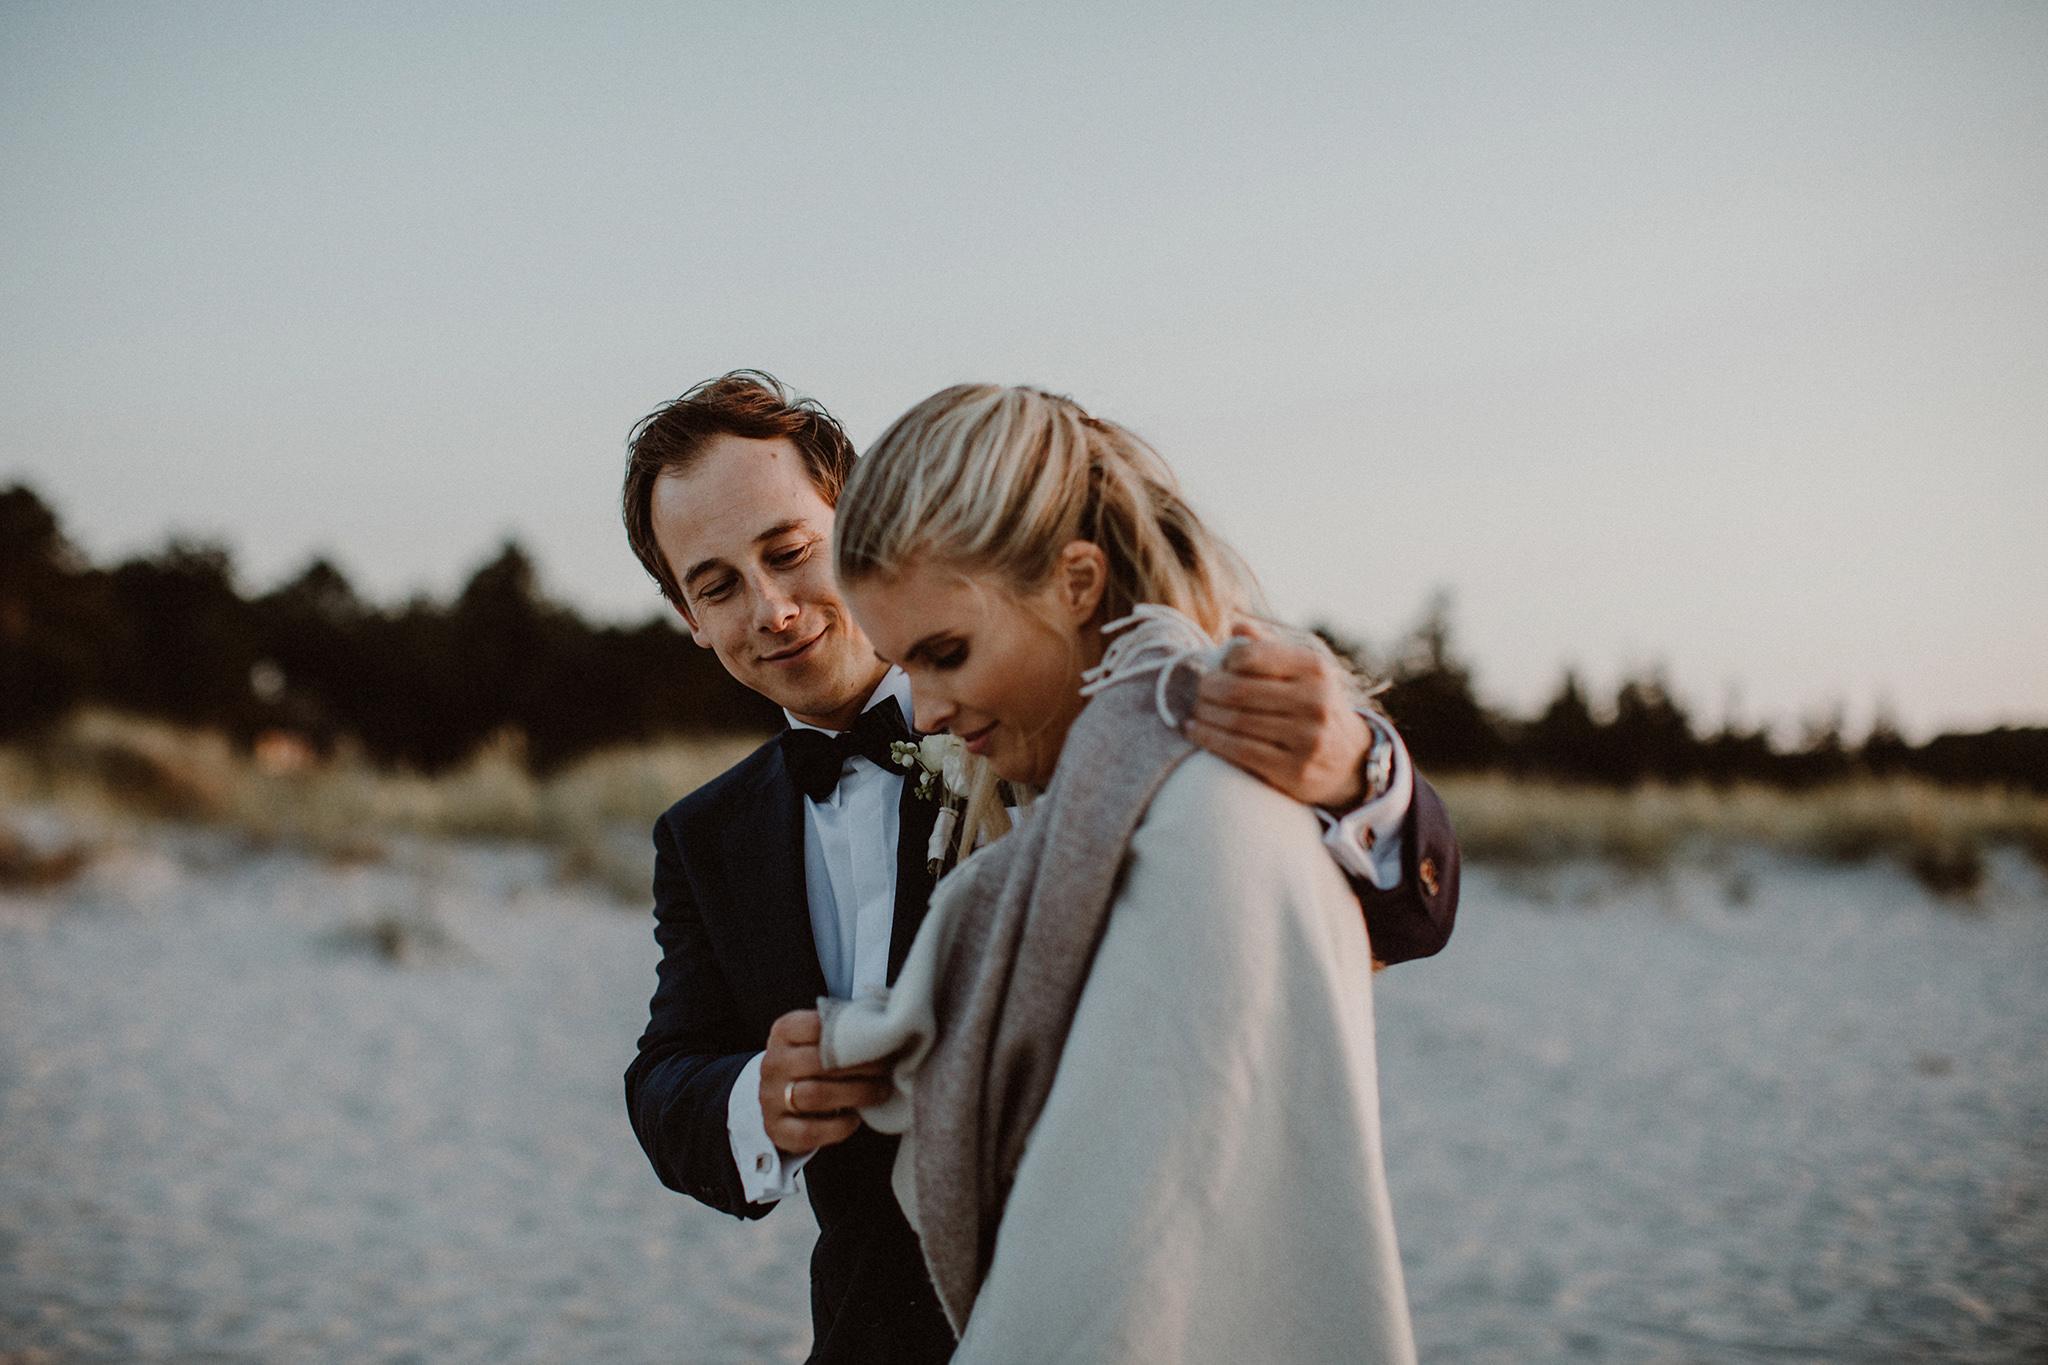 hochzeitsfotografie-kiel-norddeutschland-ostsee-afterwedding-16